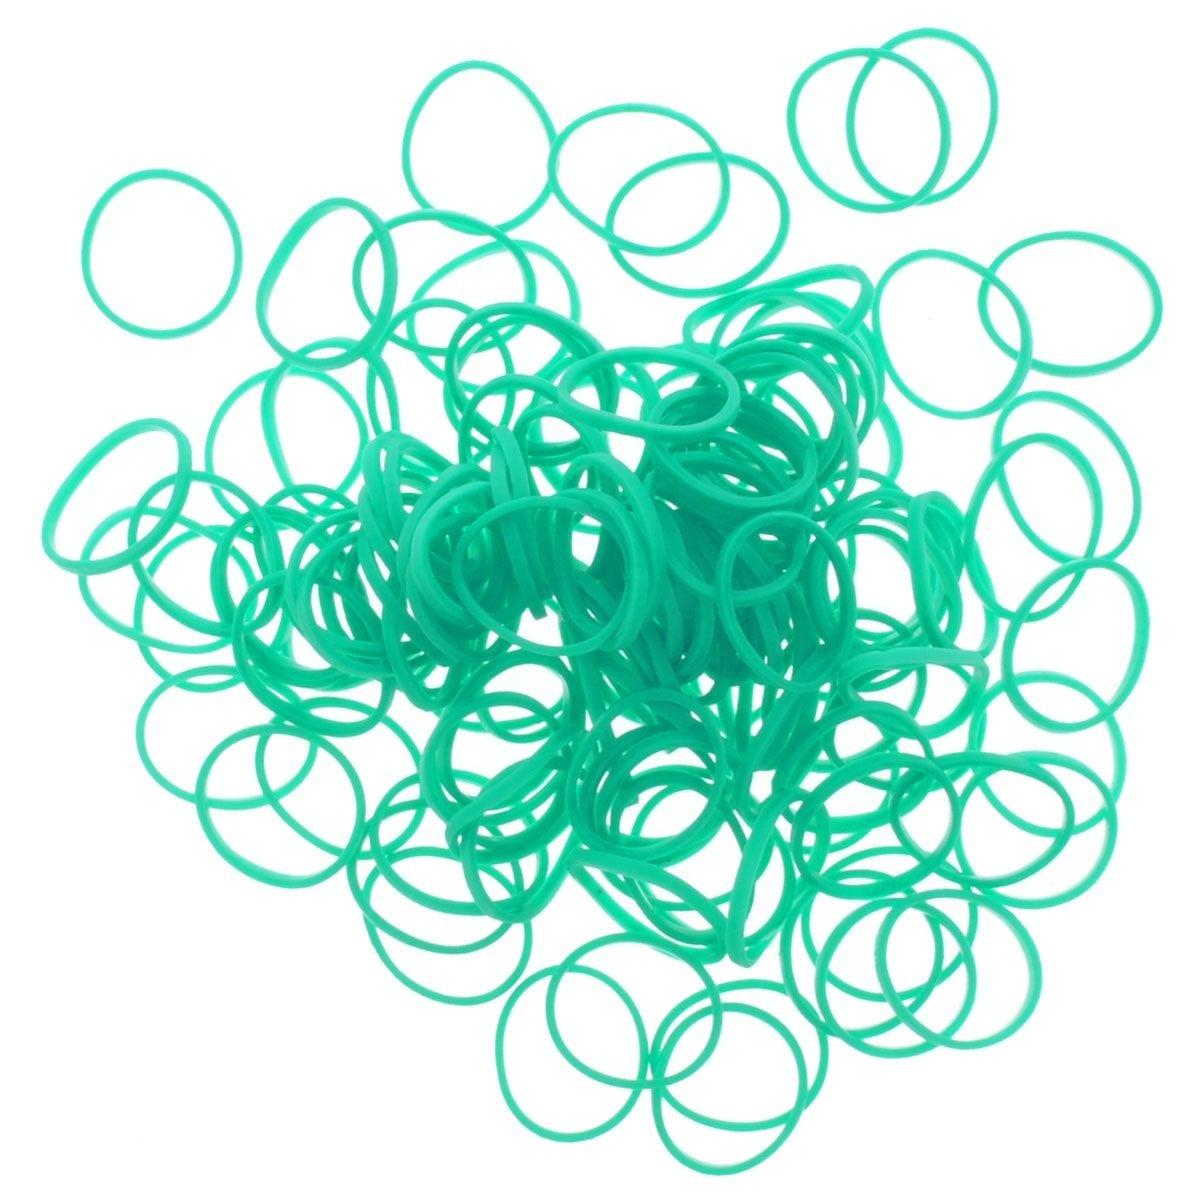 Резиночки - Сине-зелёный Solid Bands - Teal 1 набор для творчества diy резиночки для плетения слоник